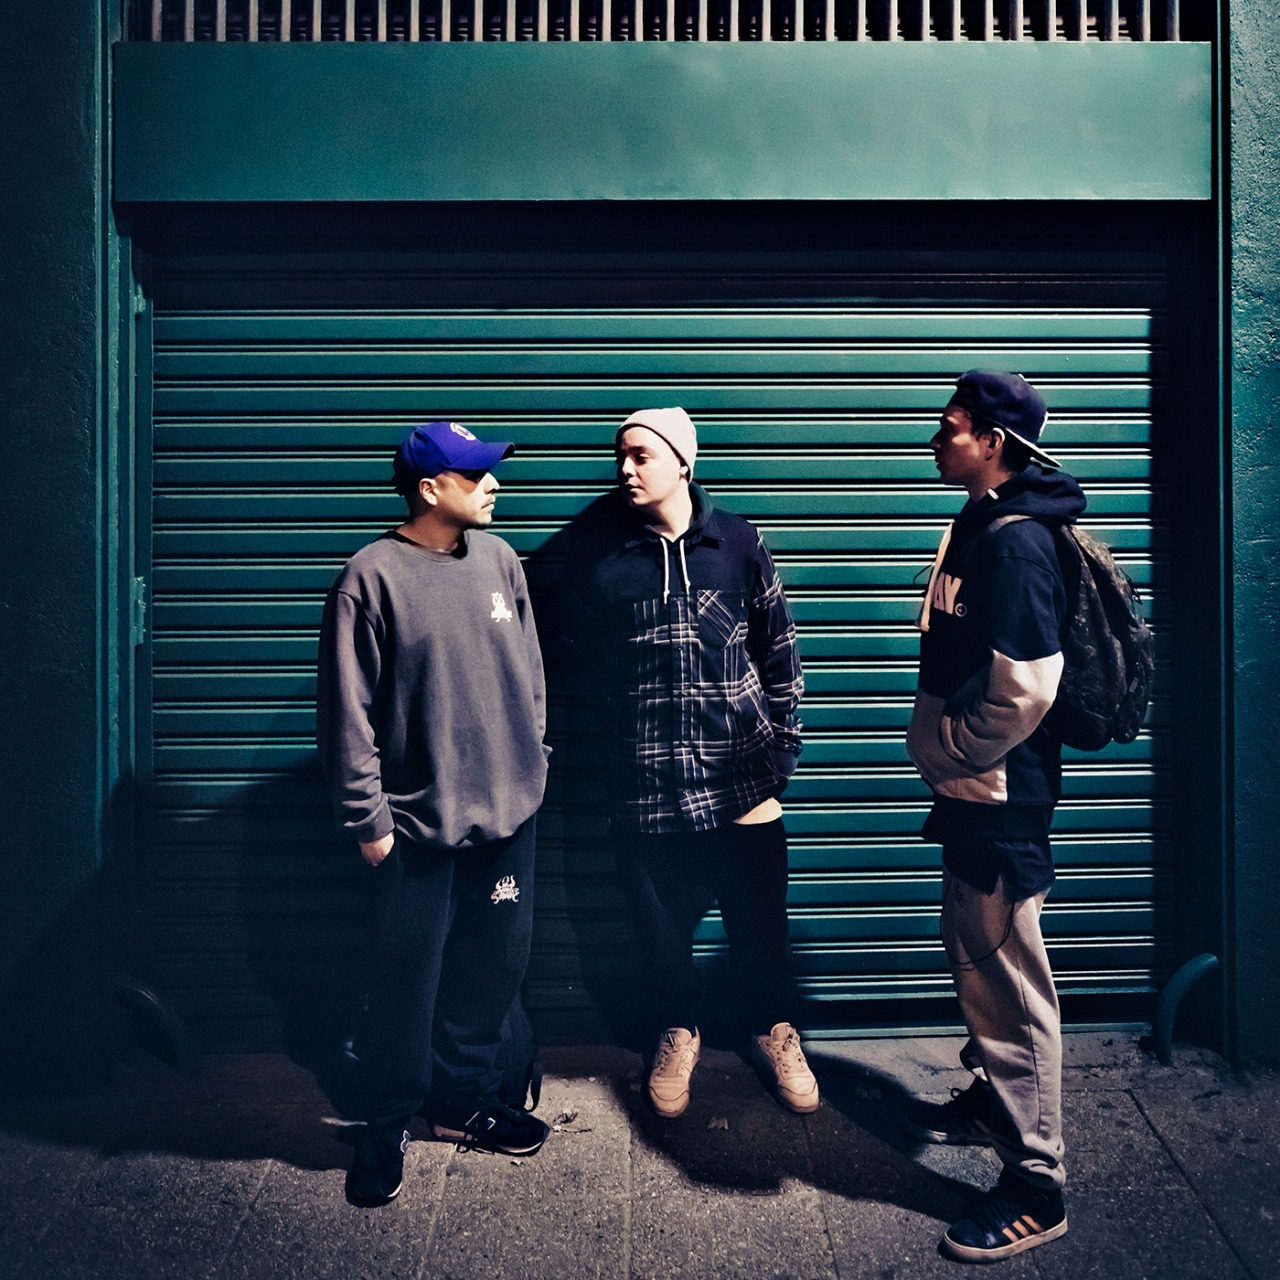 """Reconocida banda de rap chilena """"Liricistas"""" cerrará exitoso ciclo de Volcom Live Sessions en Santiago"""